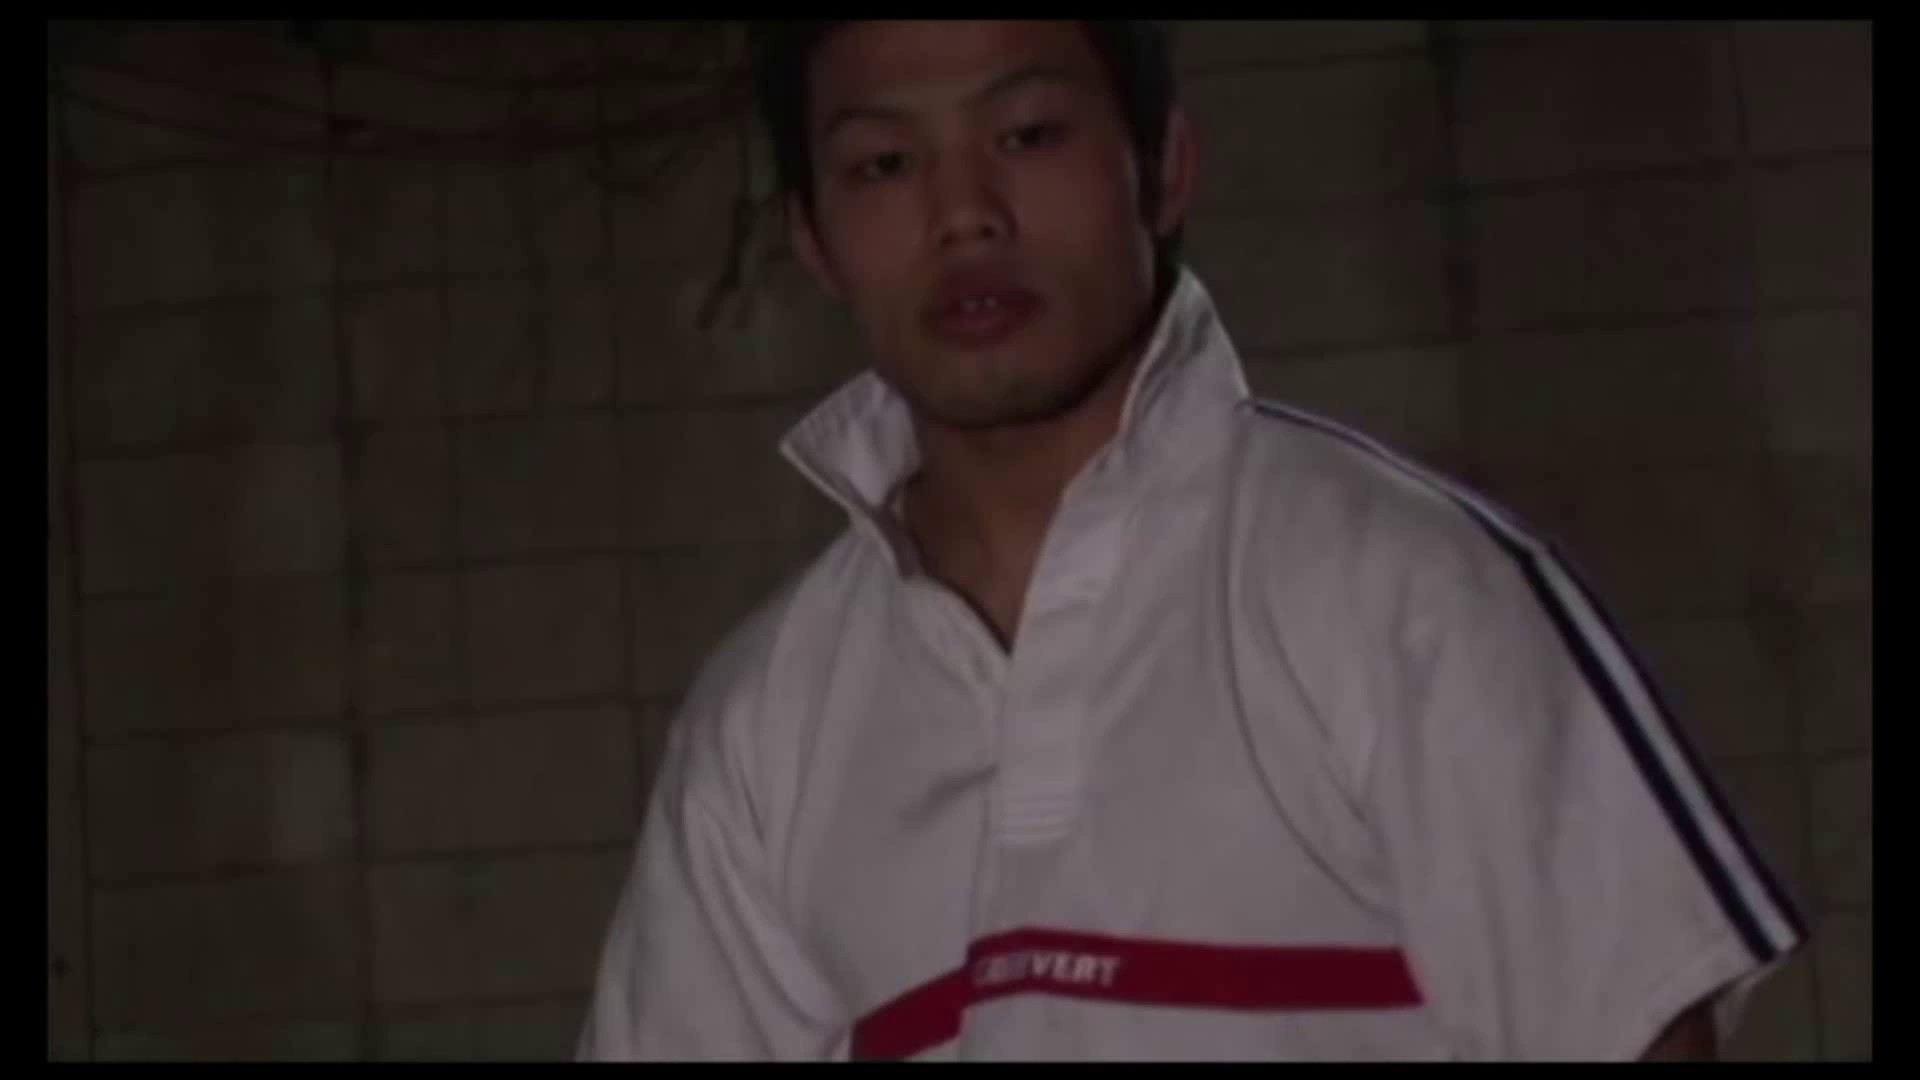 乱交!絡み合う男達! ディルドまつり   乱交 ゲイエロ動画 8連発 1